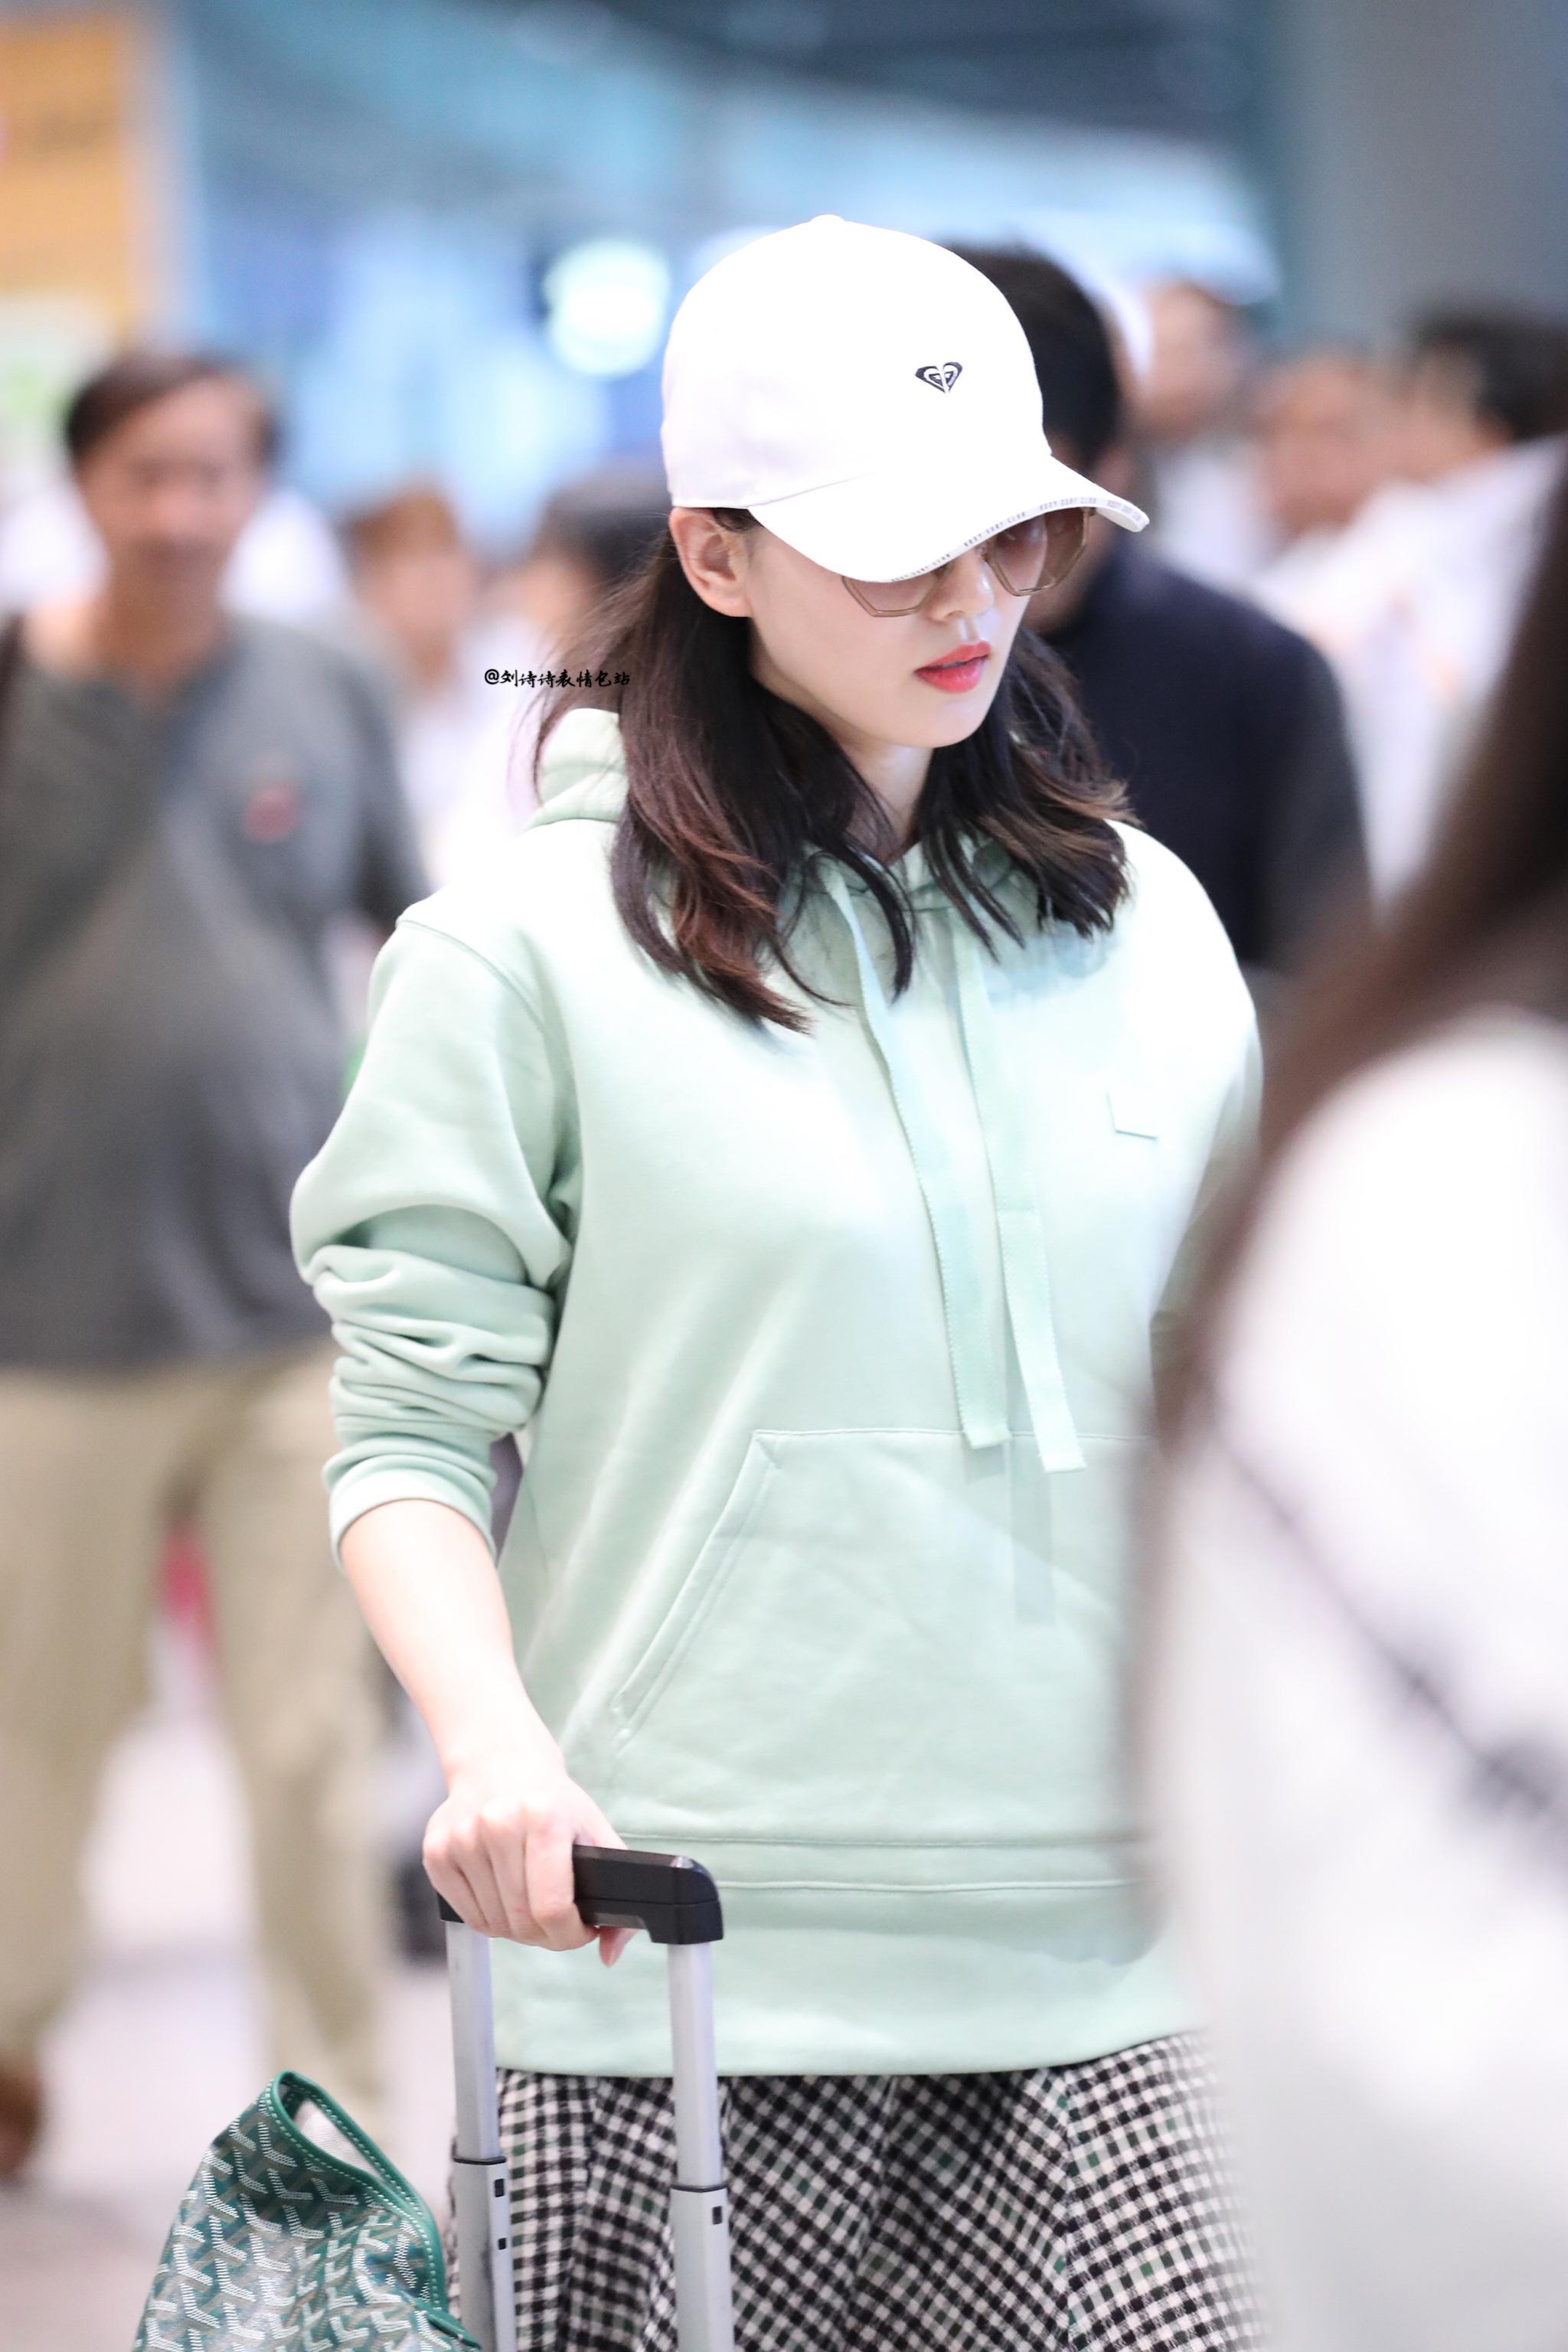 9月16日, 台湾飞北京抵达,薄荷绿卫衣搭配长裙,期待新剧呀。